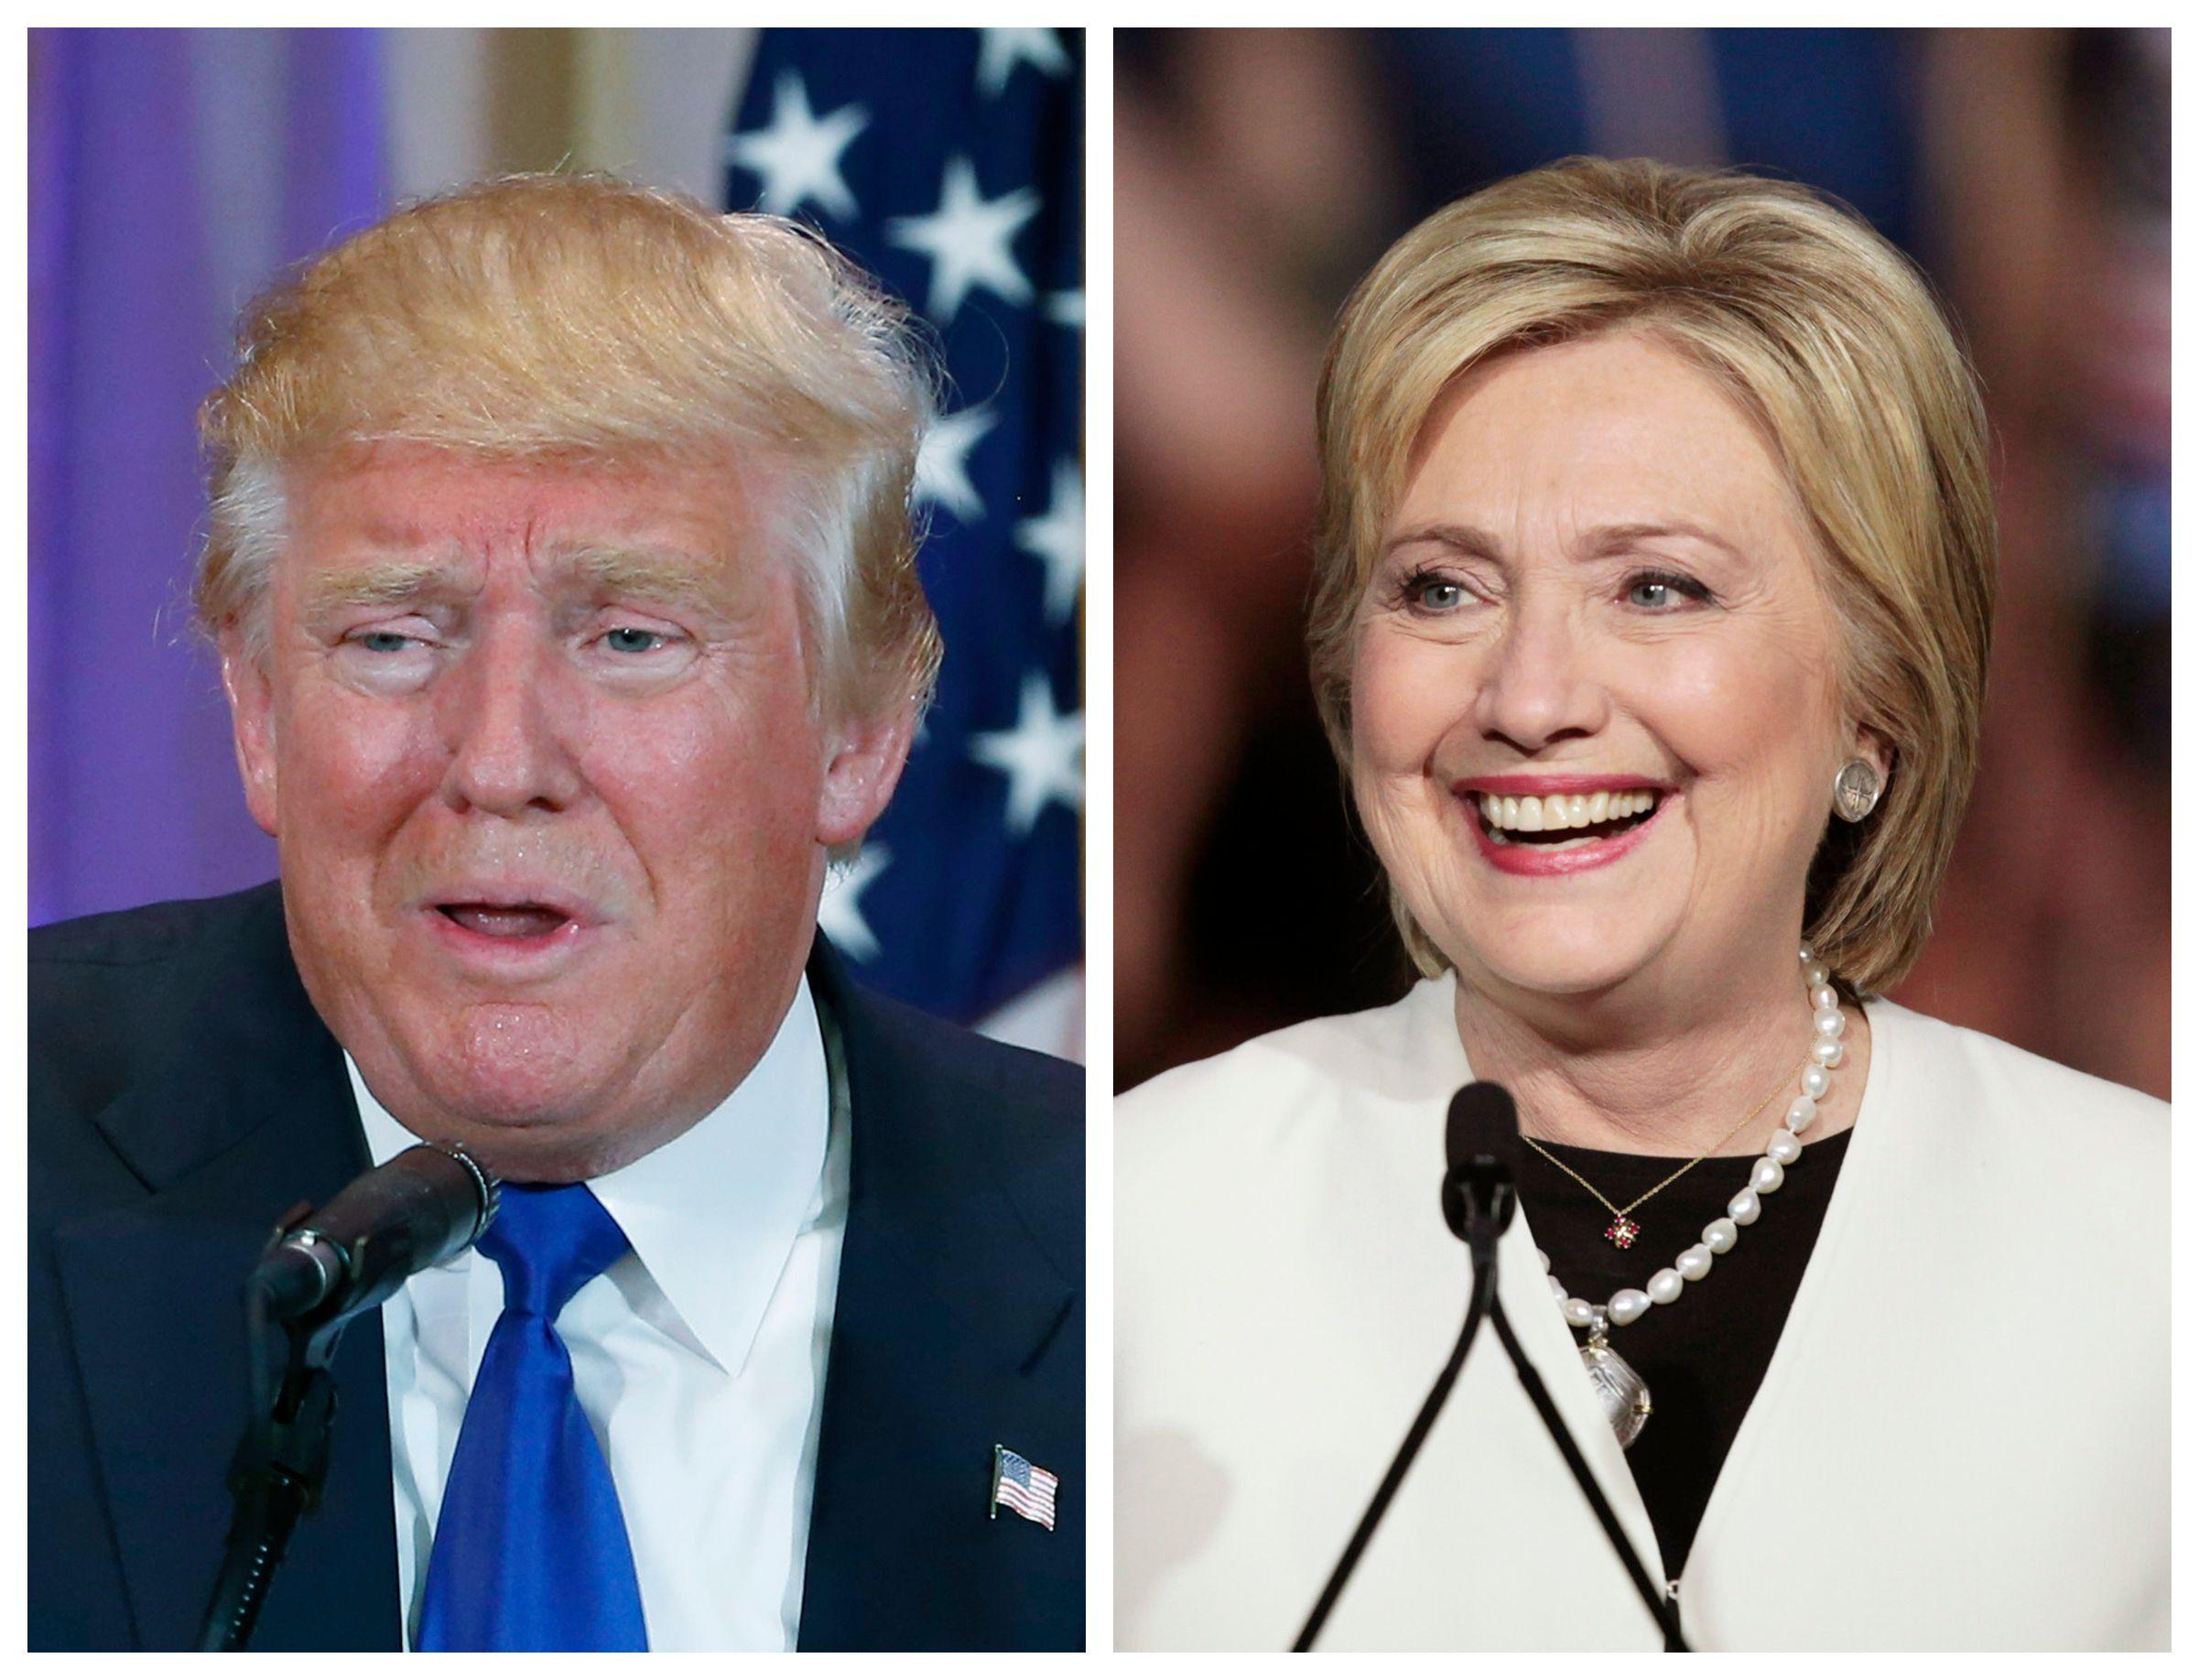 Comment Trump et Clinton sont en train de redessiner entièrement le profil des partis républicain et démocrate